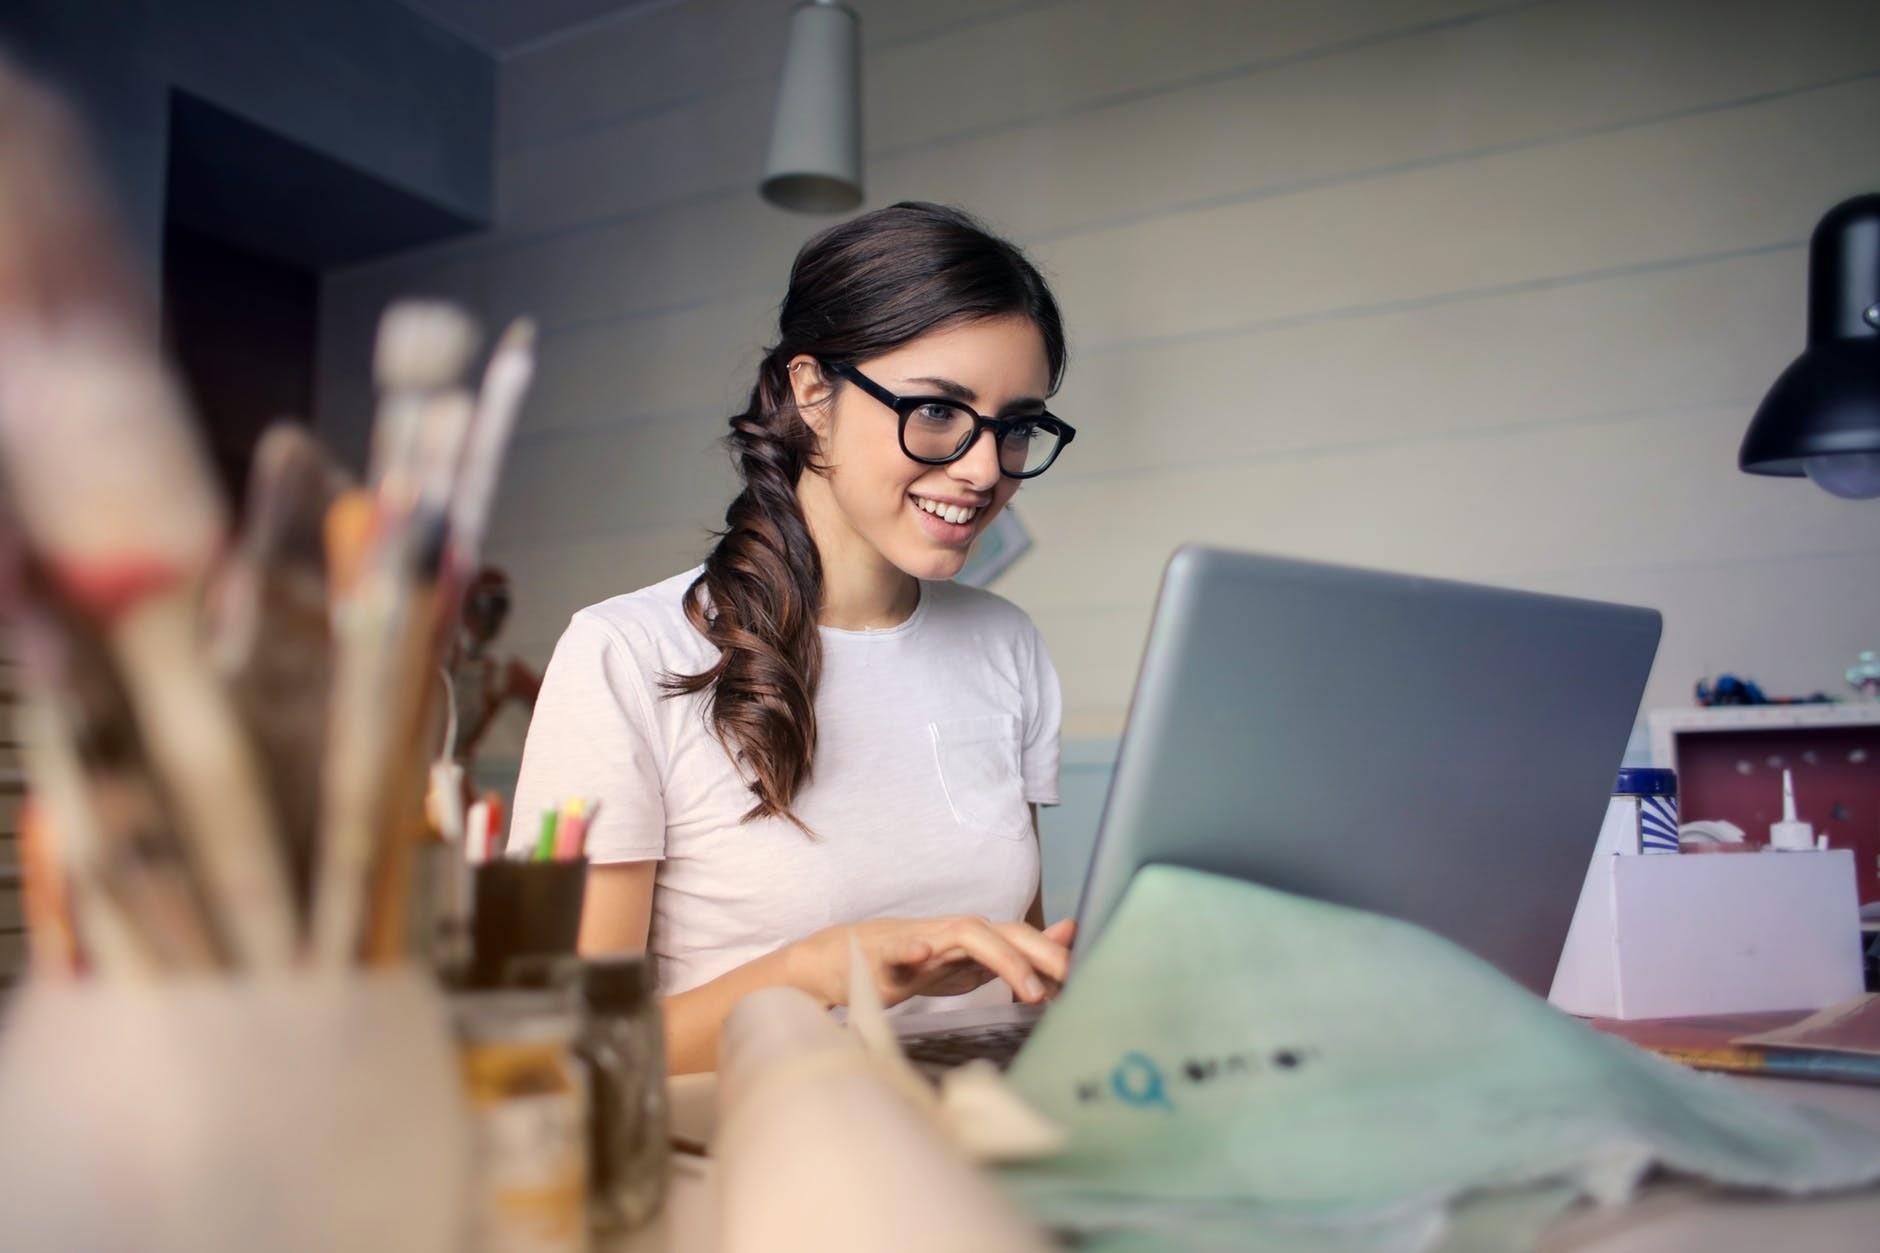 6 советов, как совмещать семью и работу (и не сойти с ума)